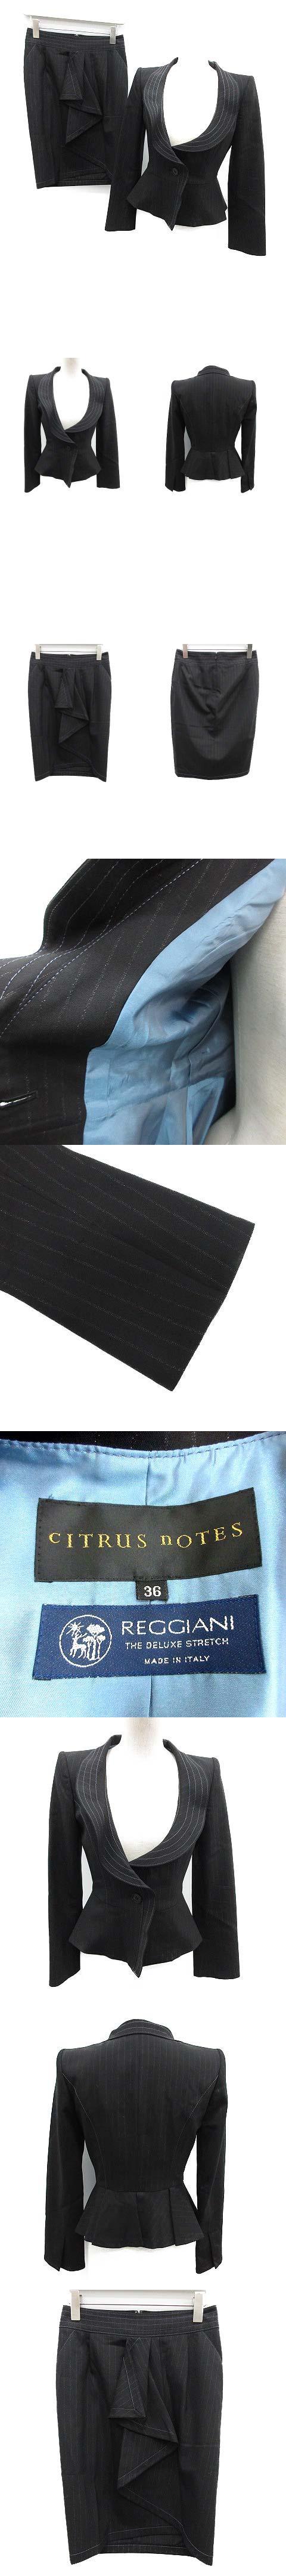 スカートスーツ セットアップ 上下 ジャケット スカート ストライプ 36 黒 ブラック /OG26 ▲H